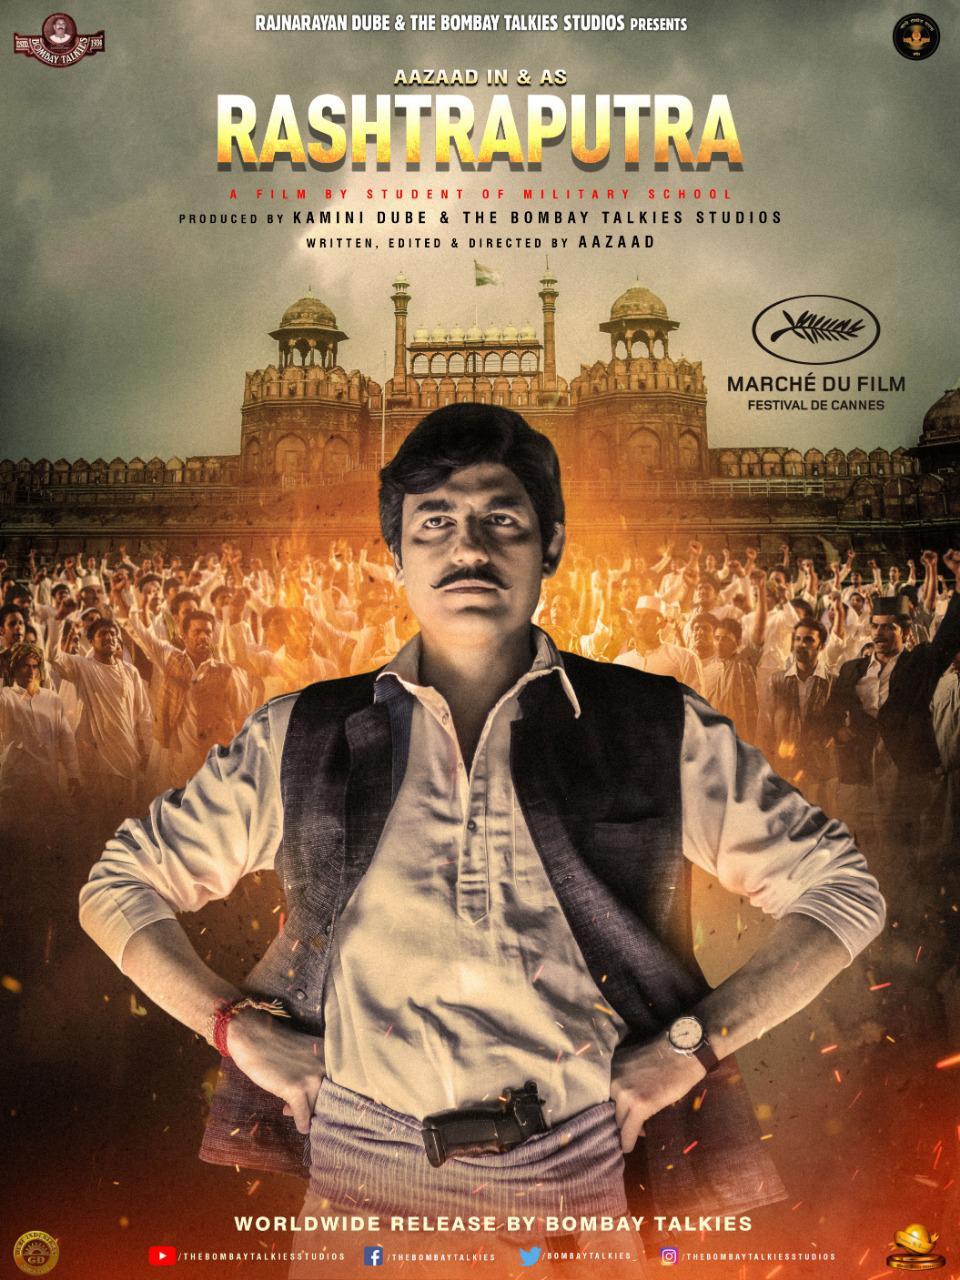 कान फिल्म फेस्टीवल में शामिल हुयी आजाद की फिल्म राष्ट्रपुत्र' २८ भाषाओं में प्रदर्शन की तैयारी